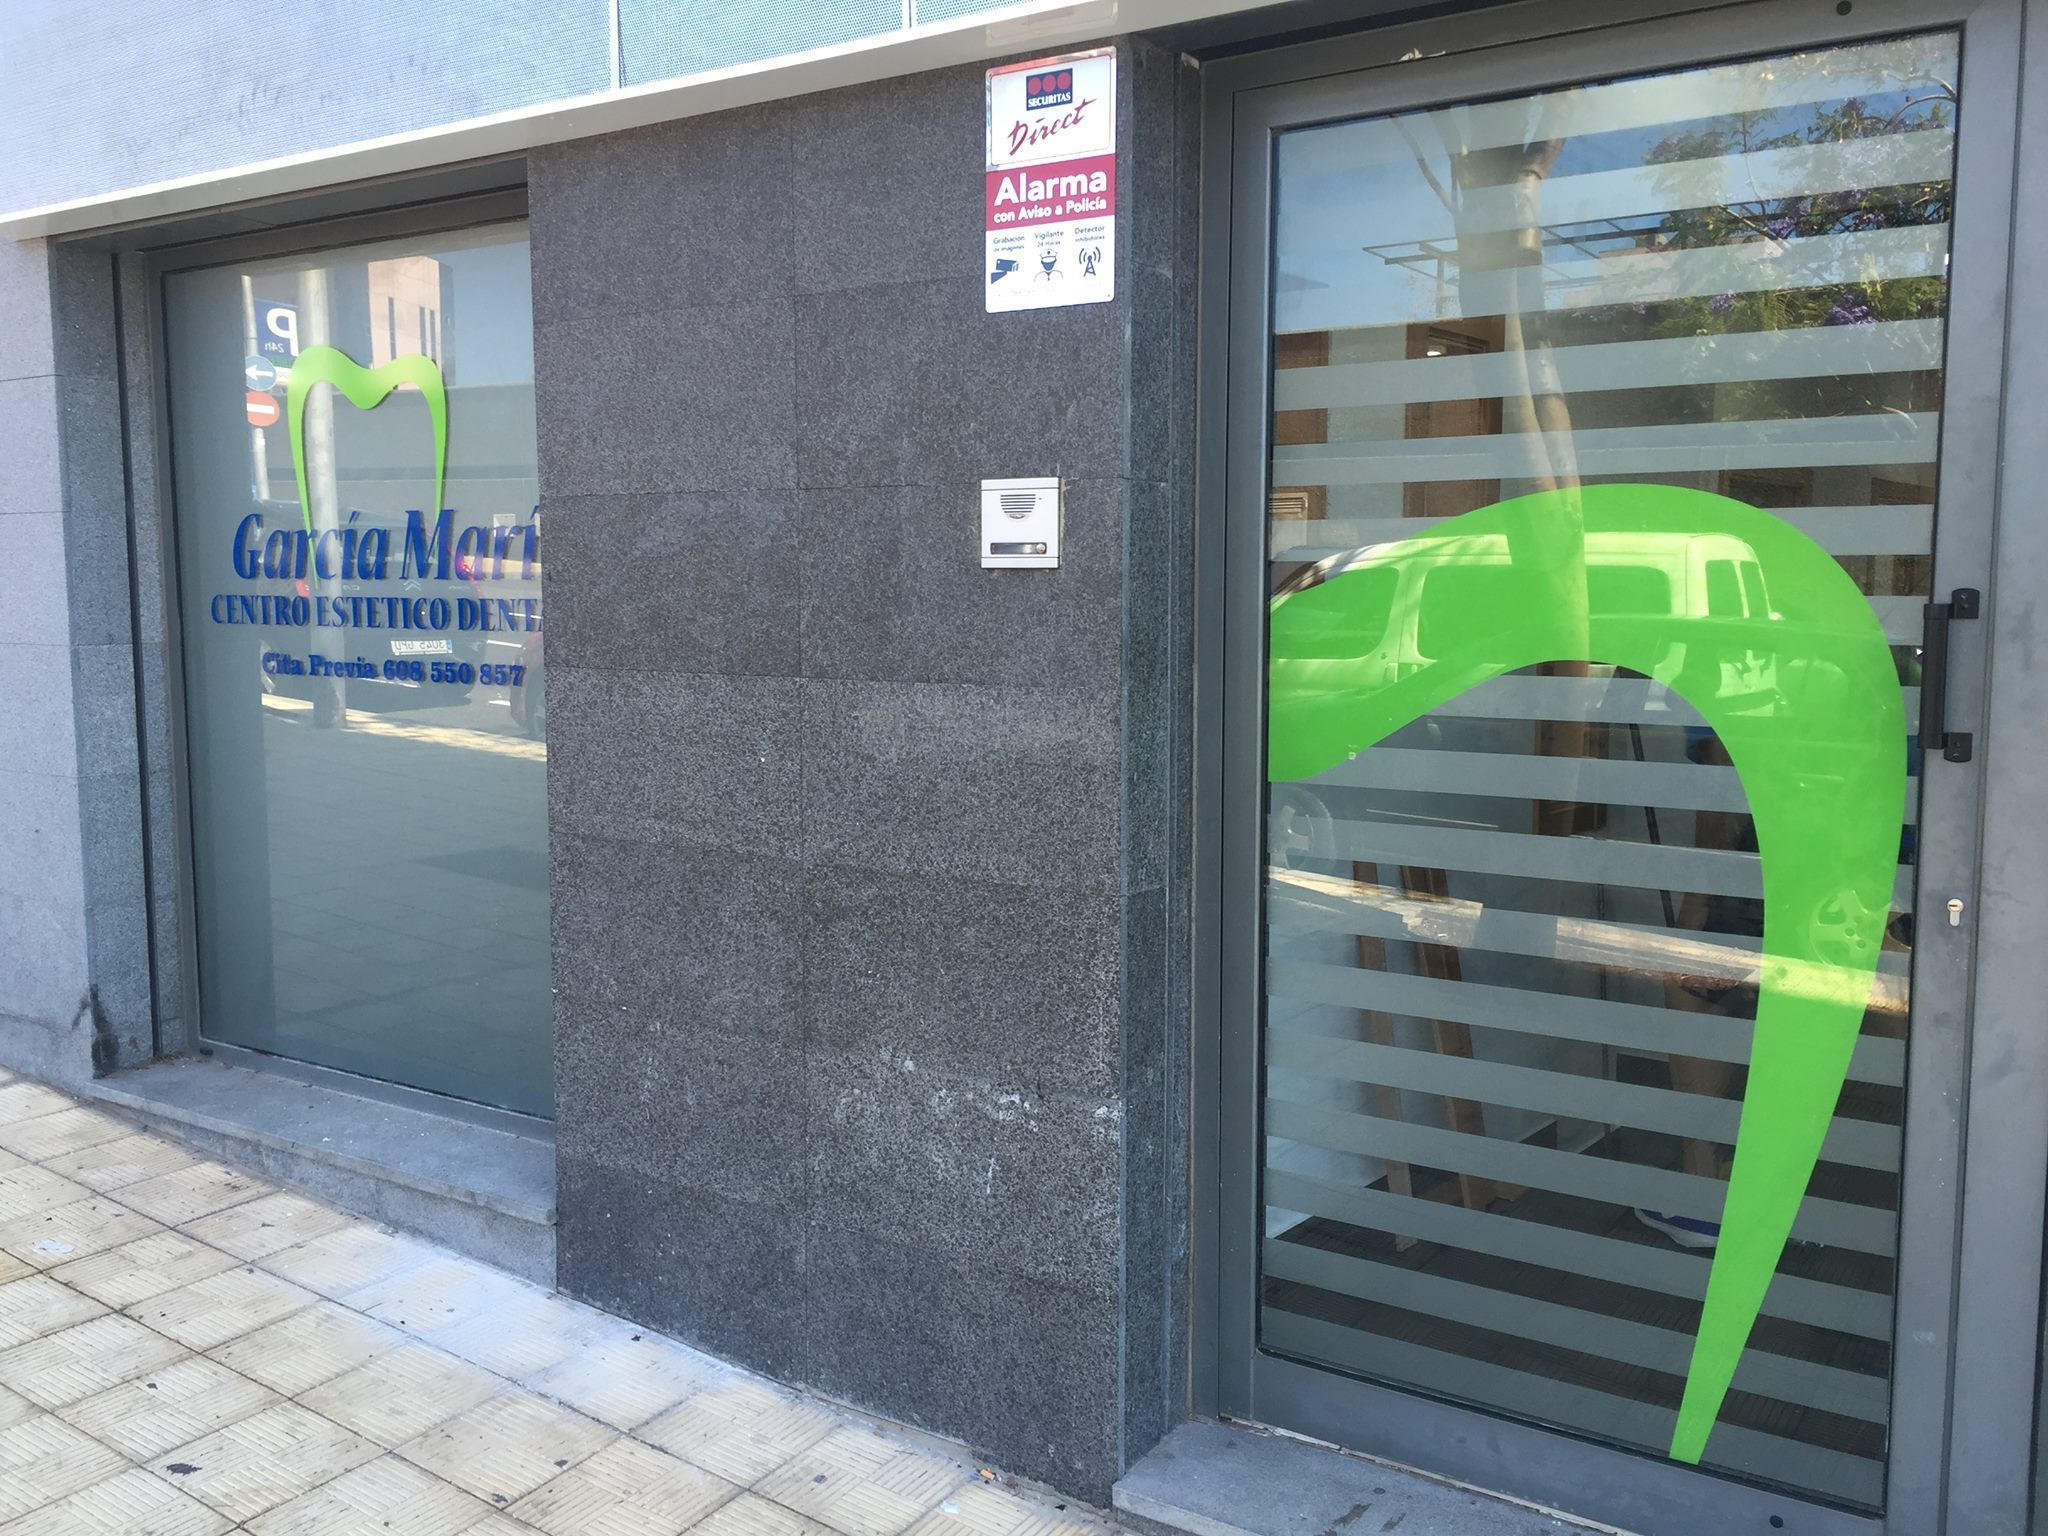 Tenemos dos sedes, en Tenerife y La Gomera